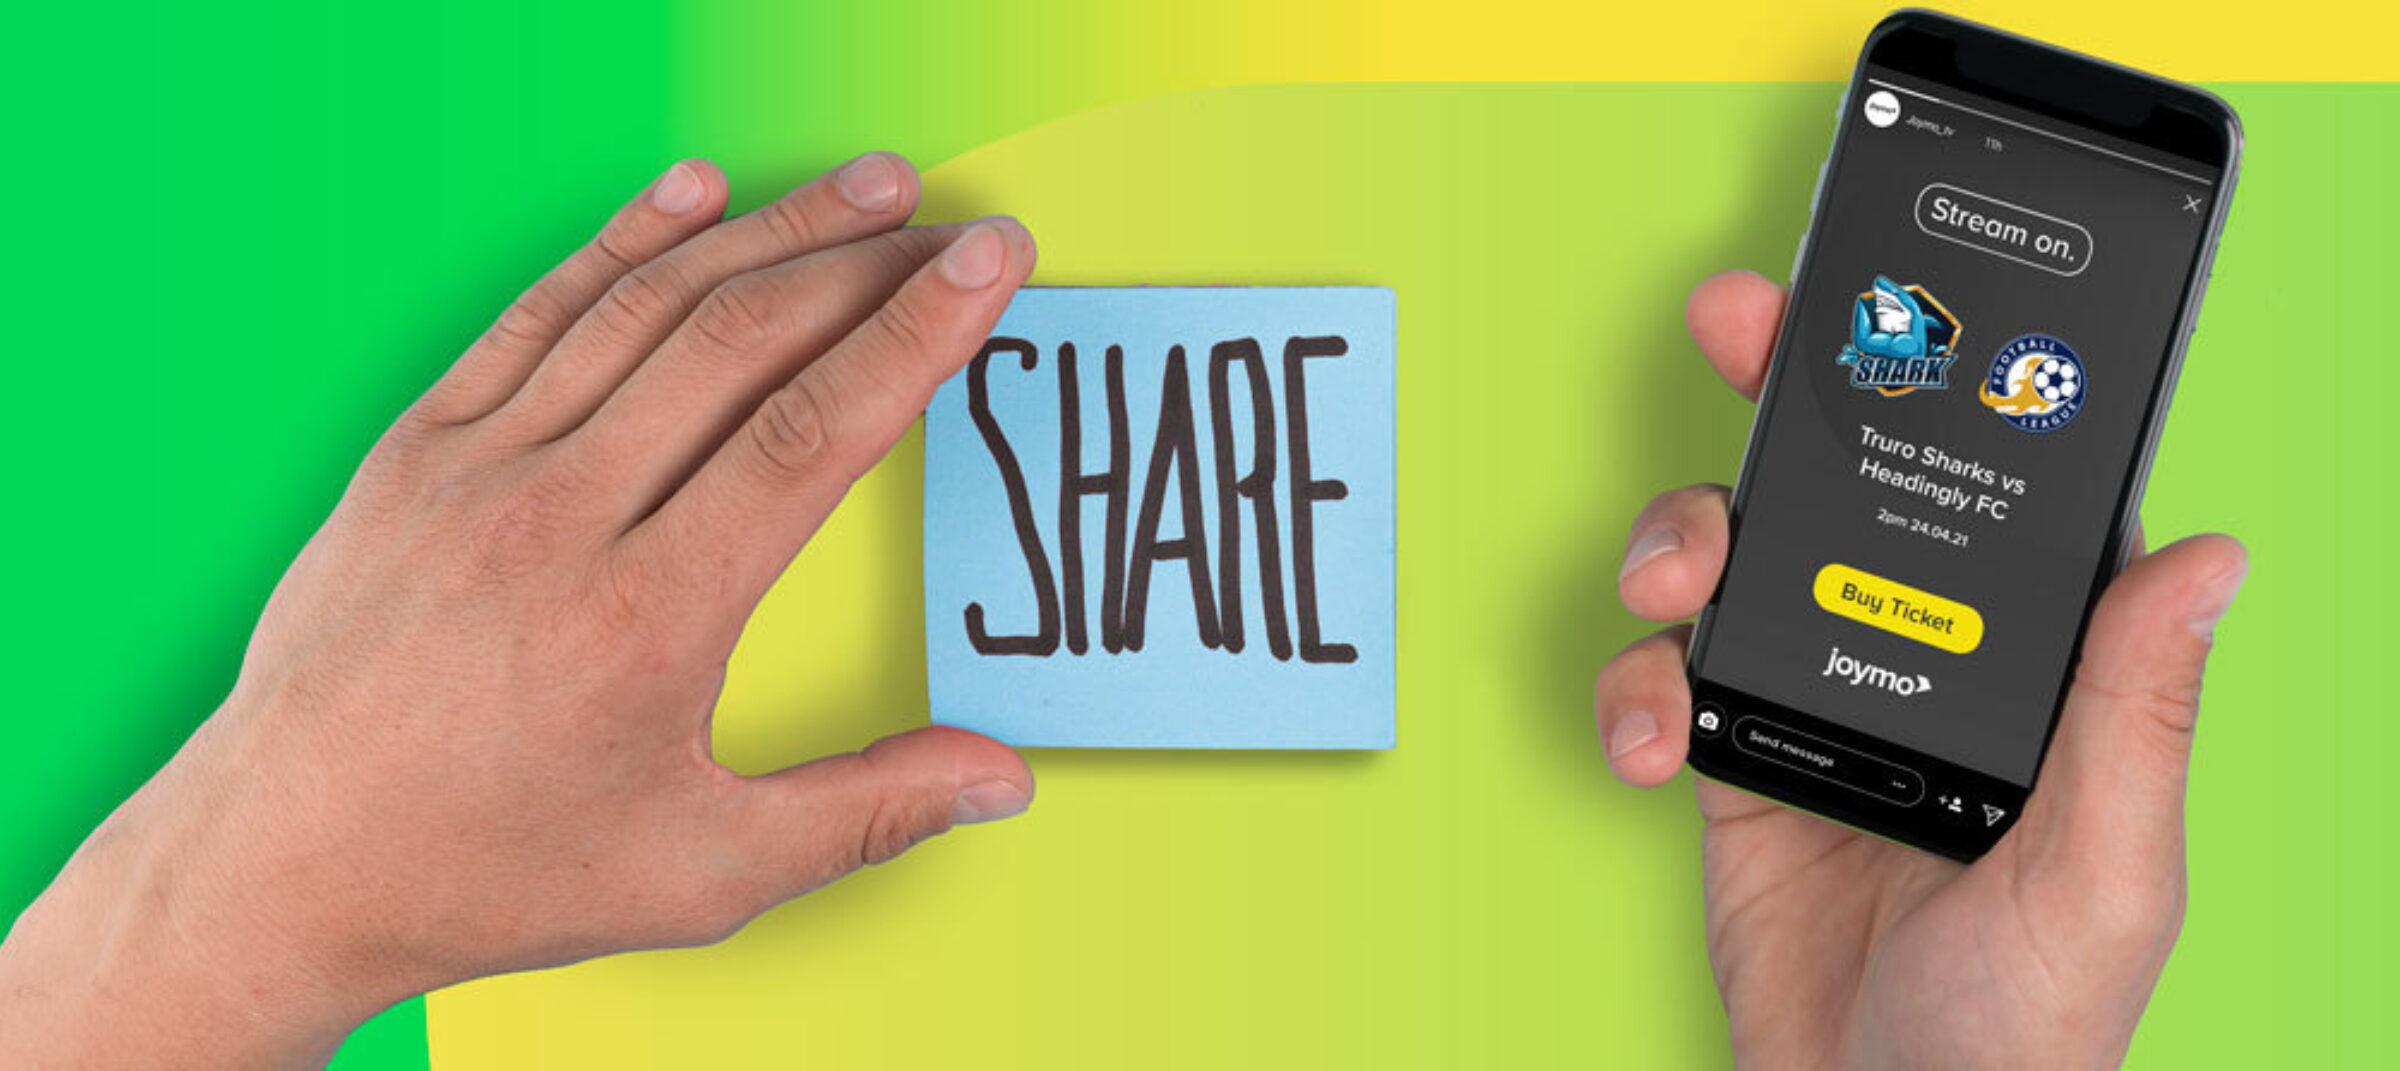 Share match social